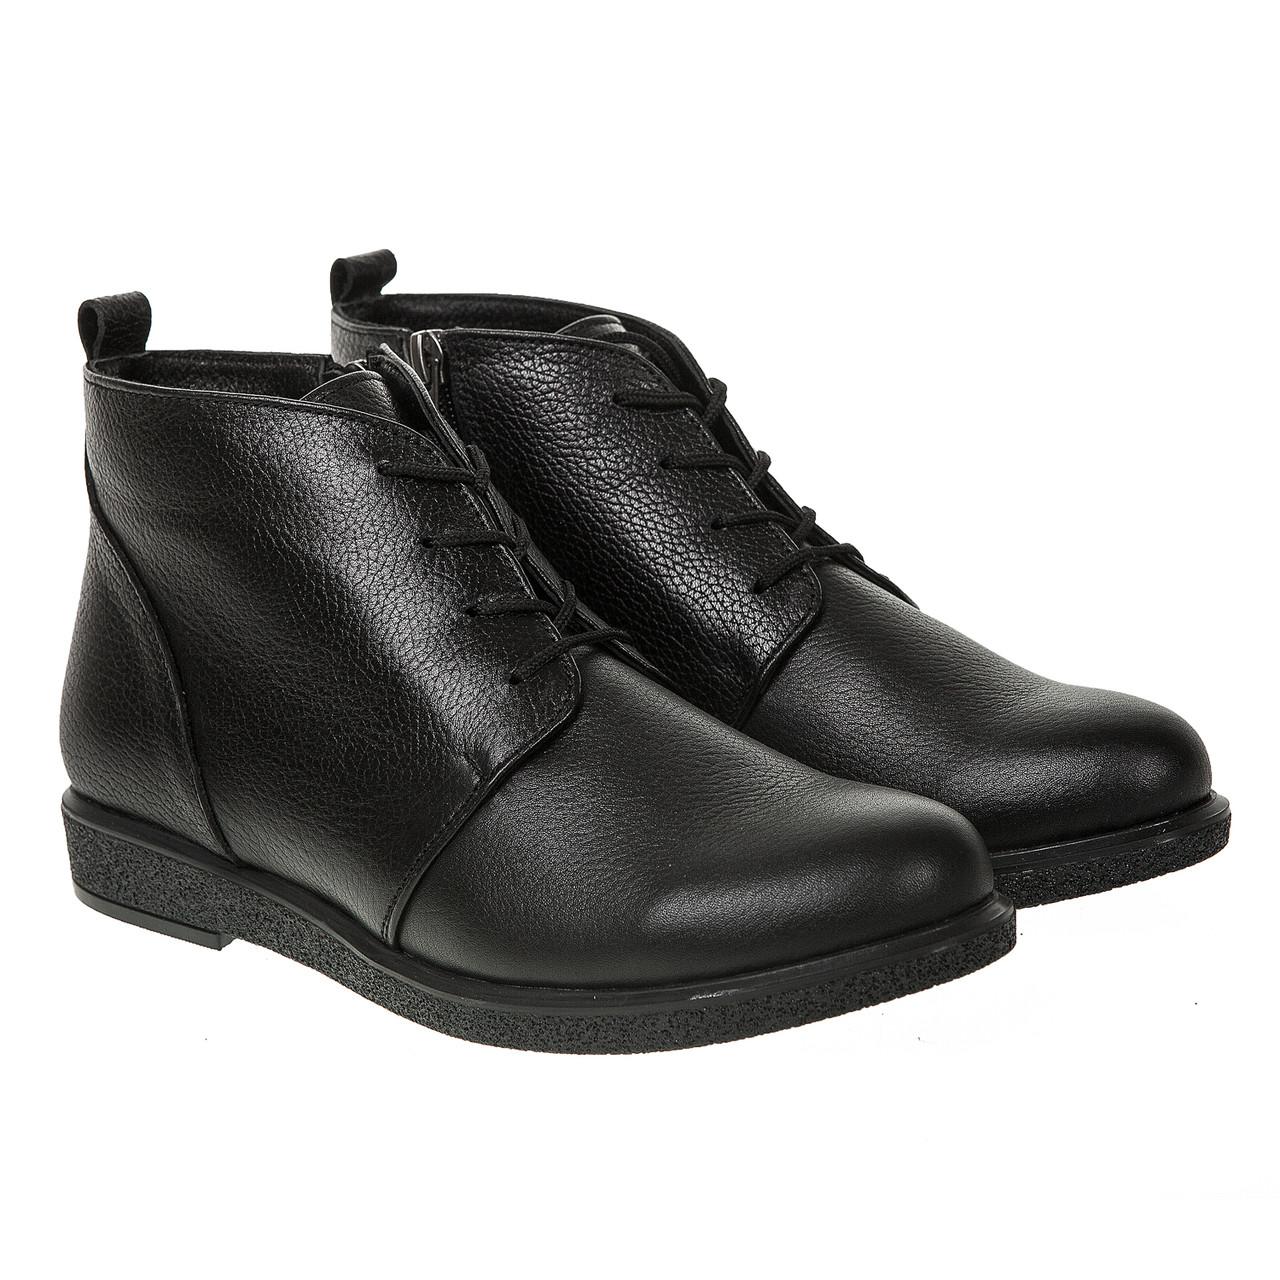 4dbb90135 Ботинки женские Mariani (черные, на шнурках, удобные, комфортные)